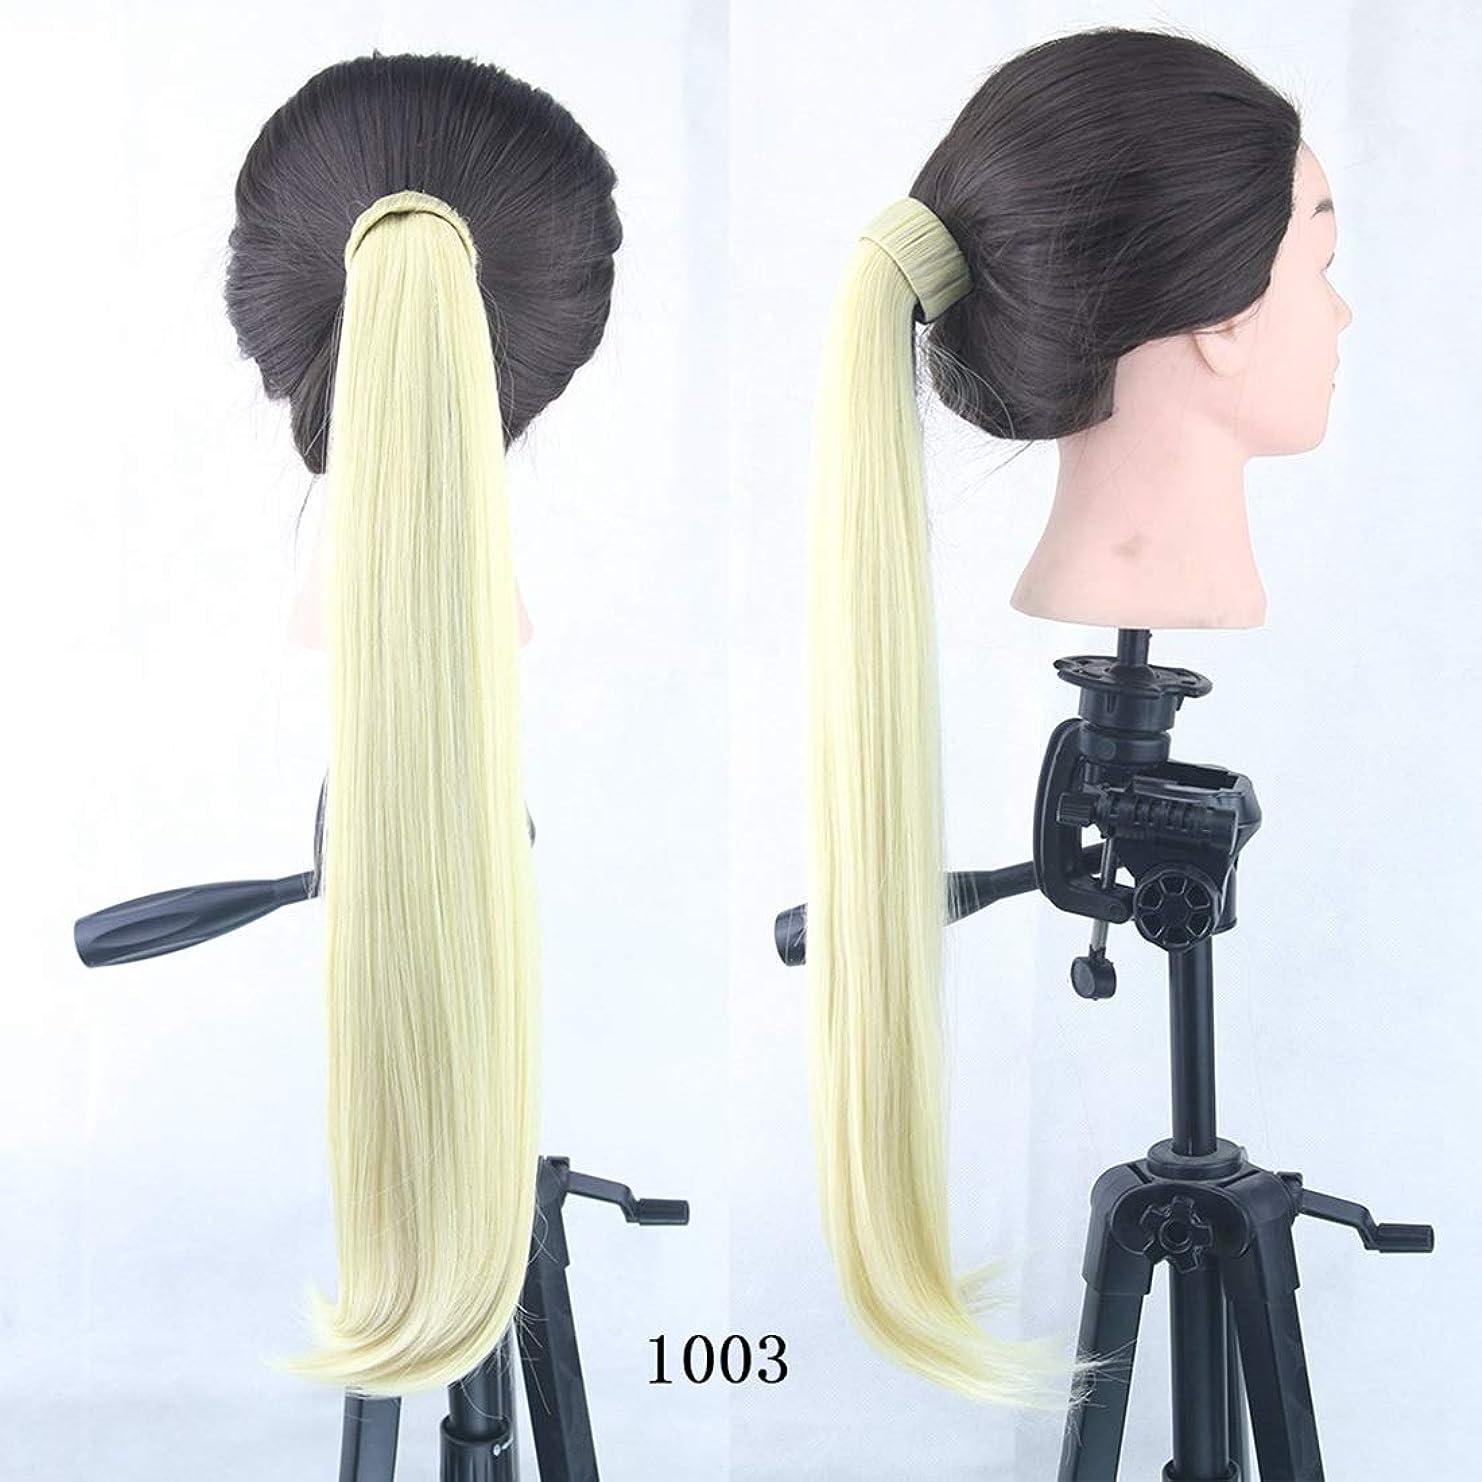 以下次へコールドJIANFU マイクロボリュームの破片ポニーテール8色オプションのガールズ金属の破片ポニーテールストレートヘア (Color : Color 1003)